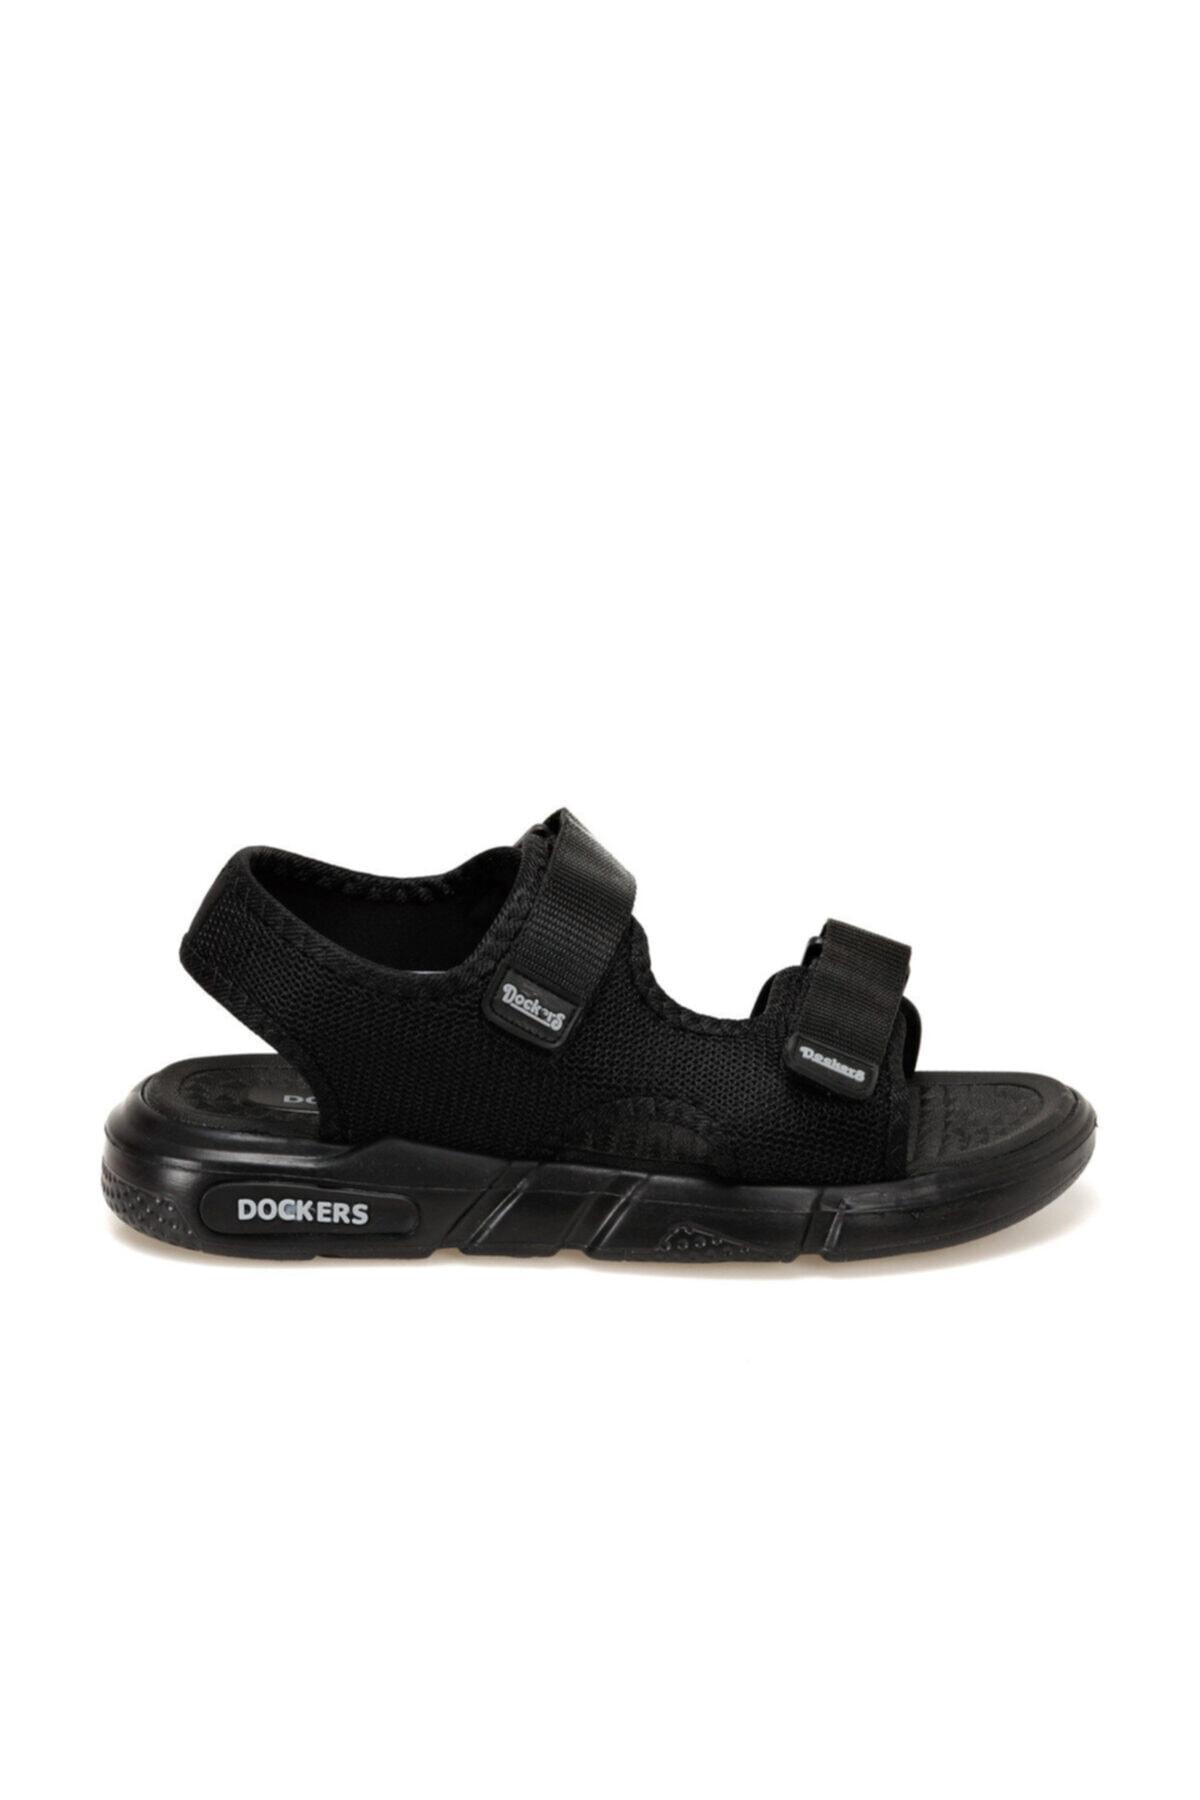 Dockers By Gerli 228650 Siyah Erkek Sandalet 100497772 2